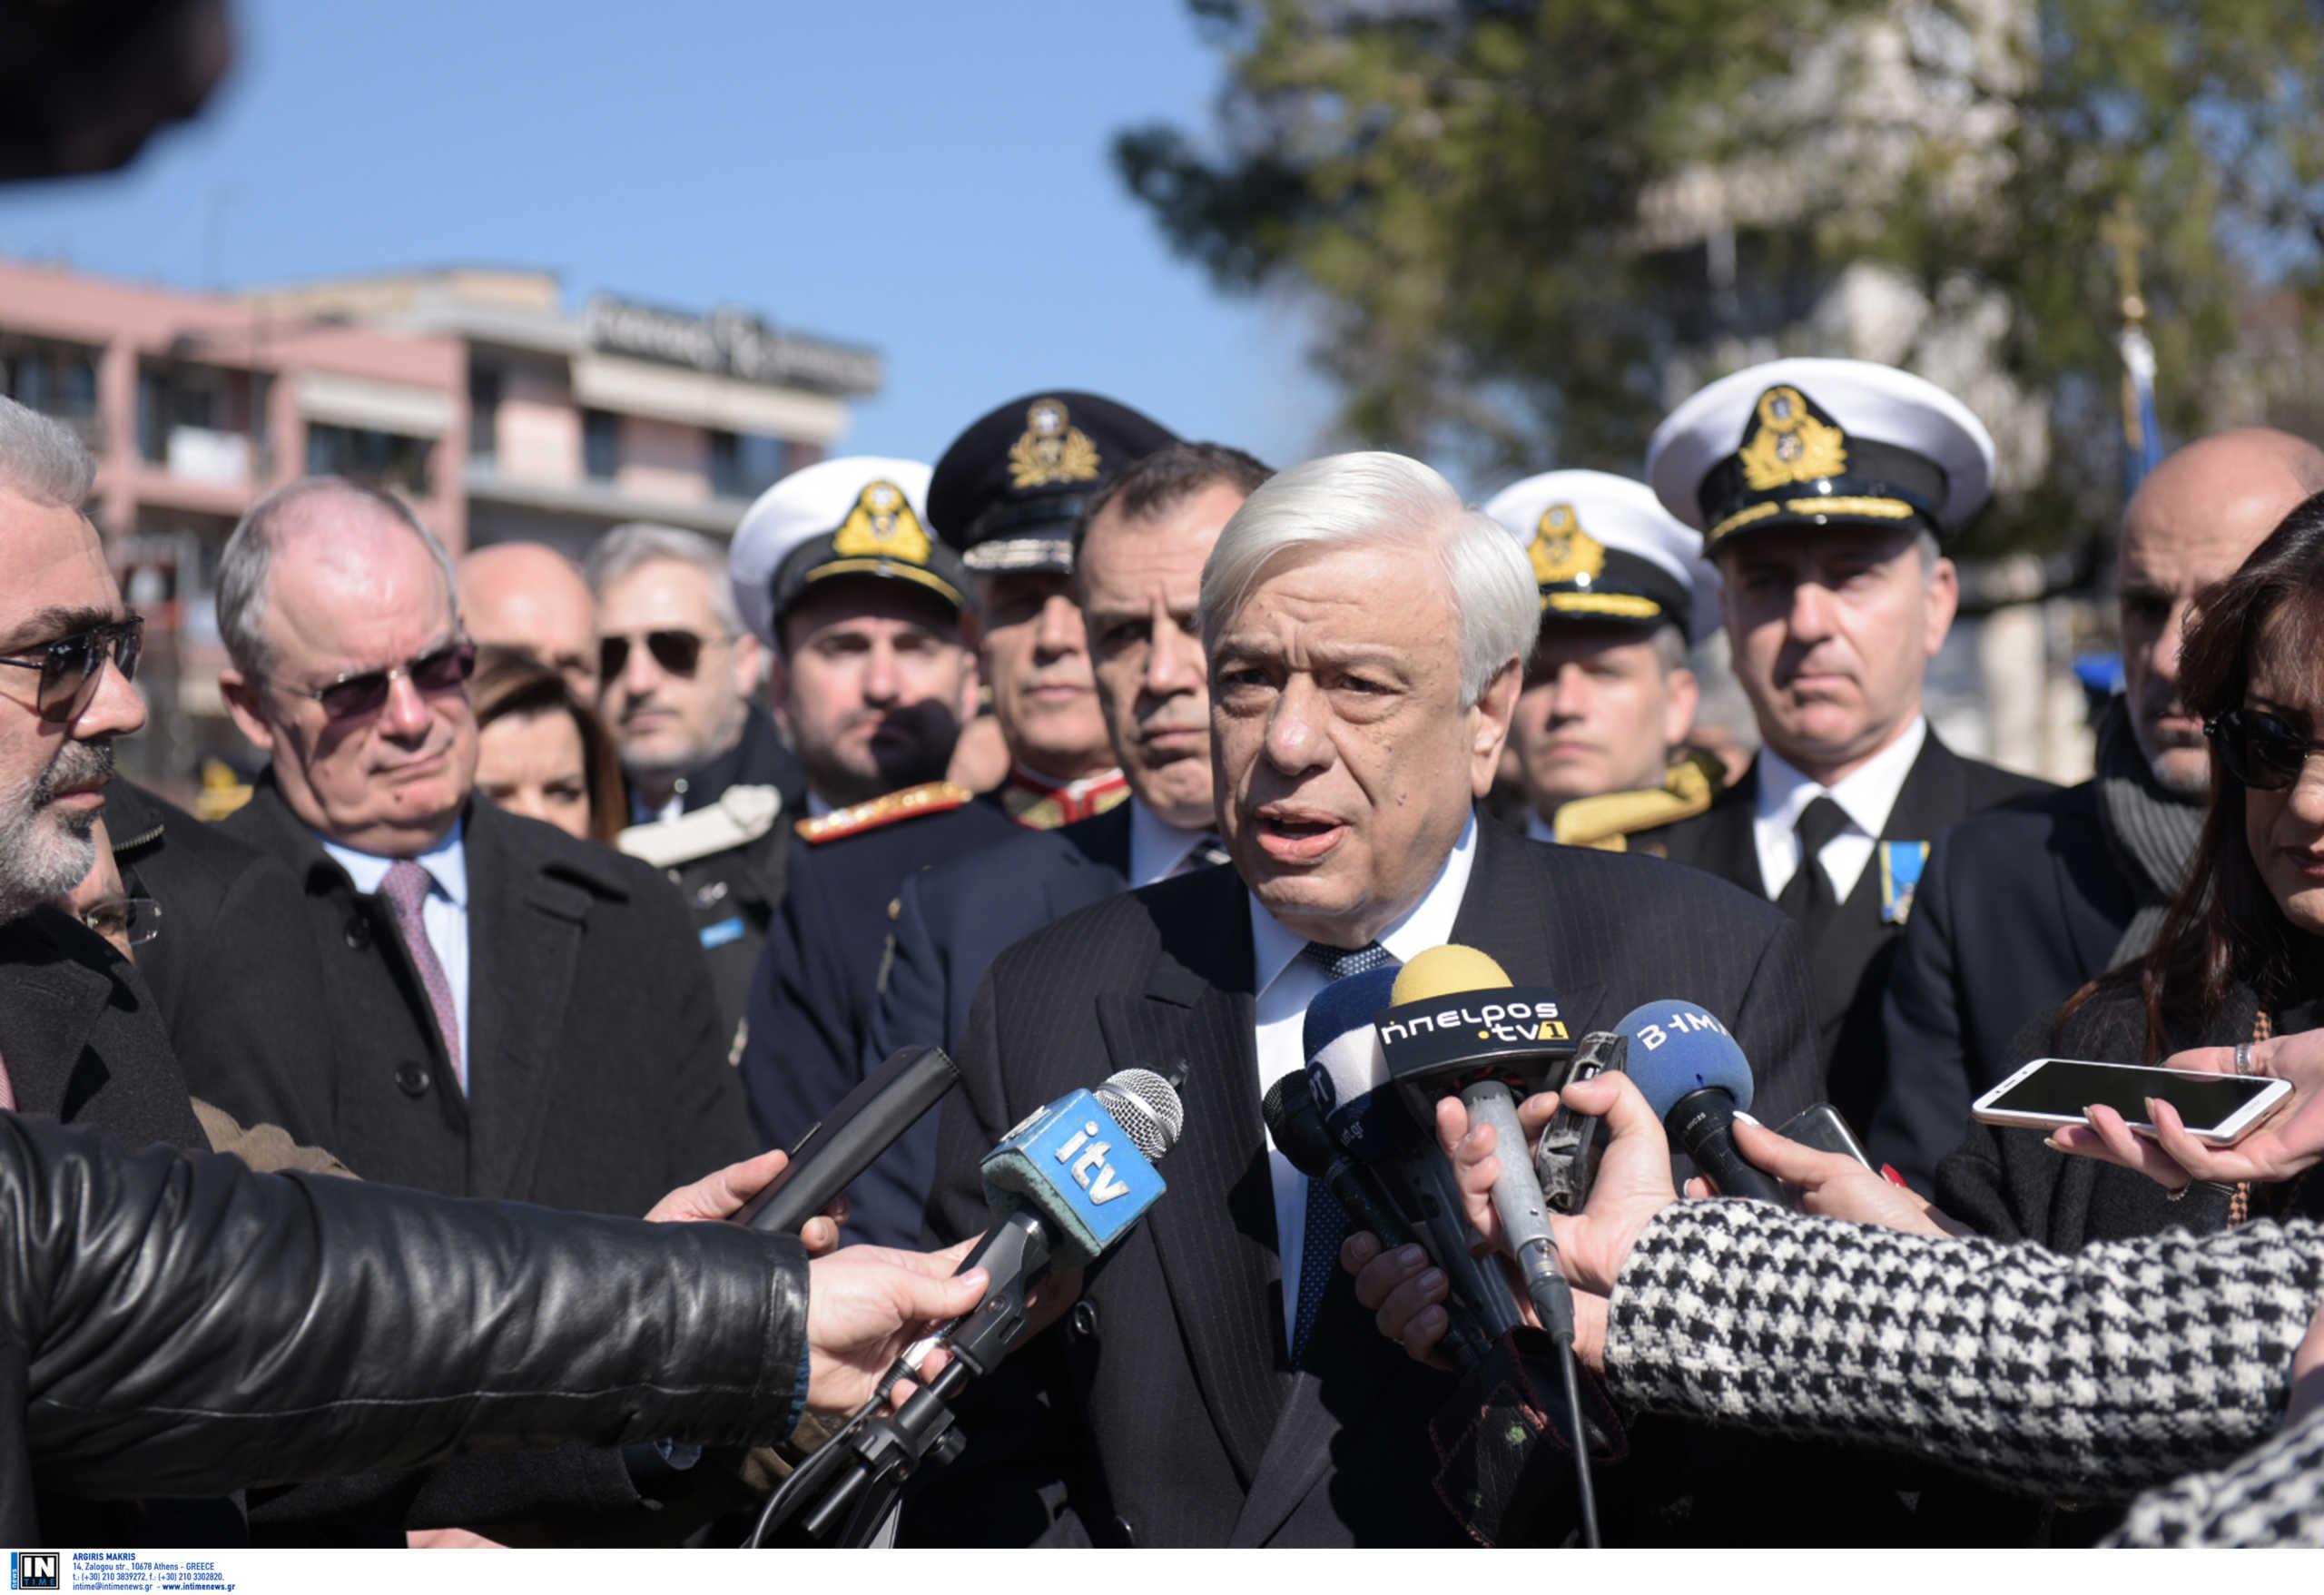 Παυλόπουλος: Καμία διαπραγμάτευση για το ψευτομνημόνιο Τουρκίας και Λιβύης